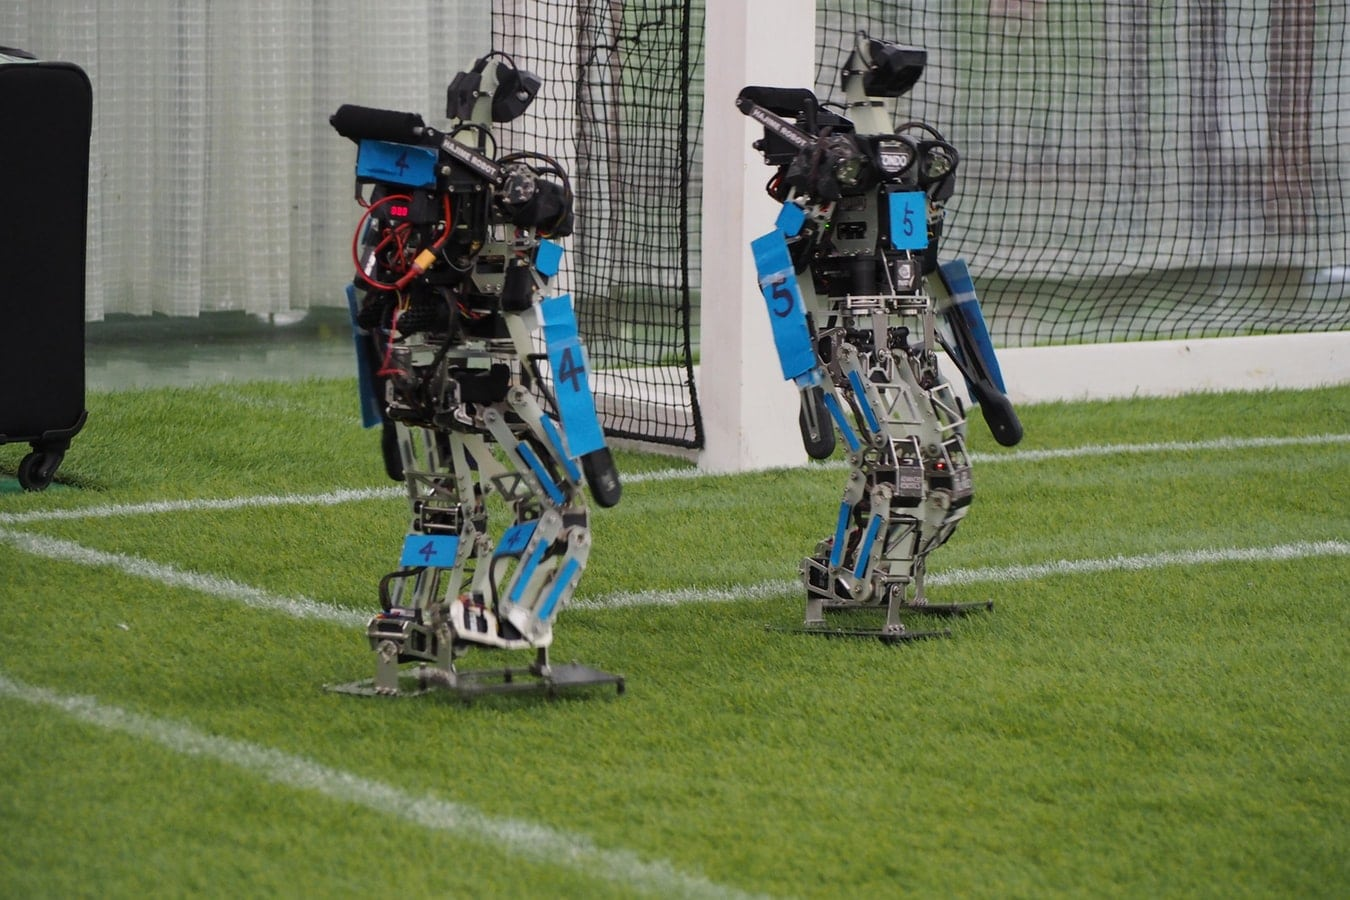 Zwei humanoide Roboter auf einem Fußballfeld